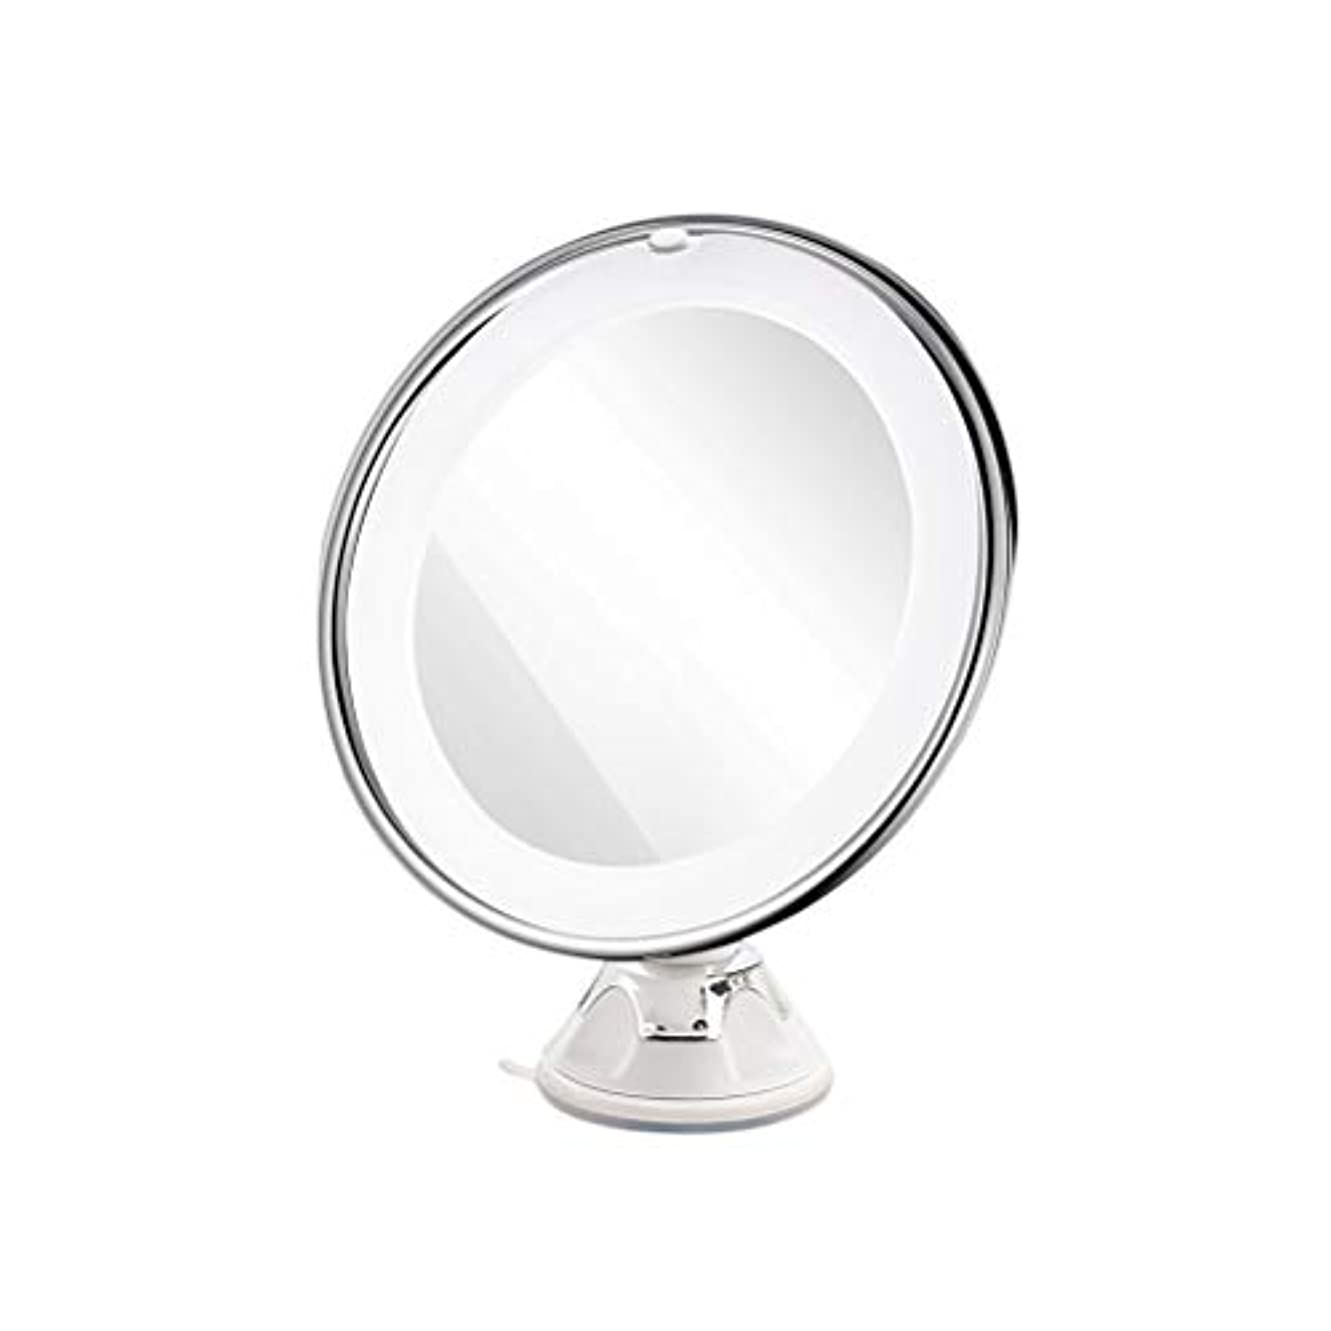 いたずらな故意に彼はFrcolor 化粧鏡 LED 7倍拡大鏡 浴室鏡 卓上ミラー 吸盤ロック付き スタンド/壁掛け両用 360度回転 スタンドミラー(ホワイト)